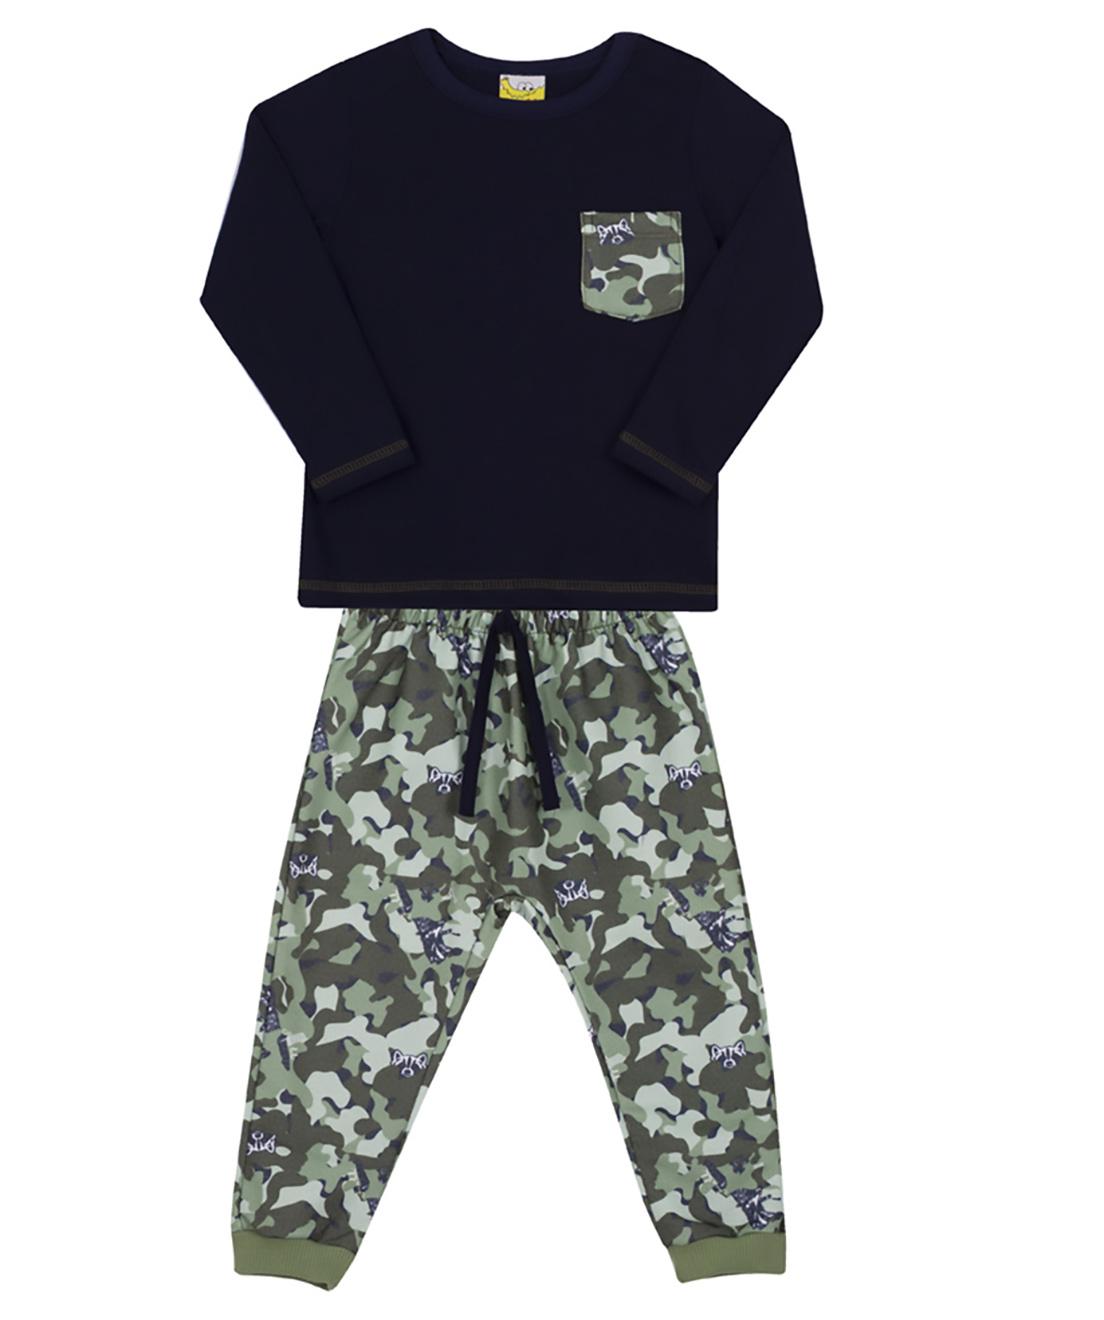 Conjunto Infantil Camiseta e Calça Moletom Jaca Lelé Camuflado Marinho e Verde